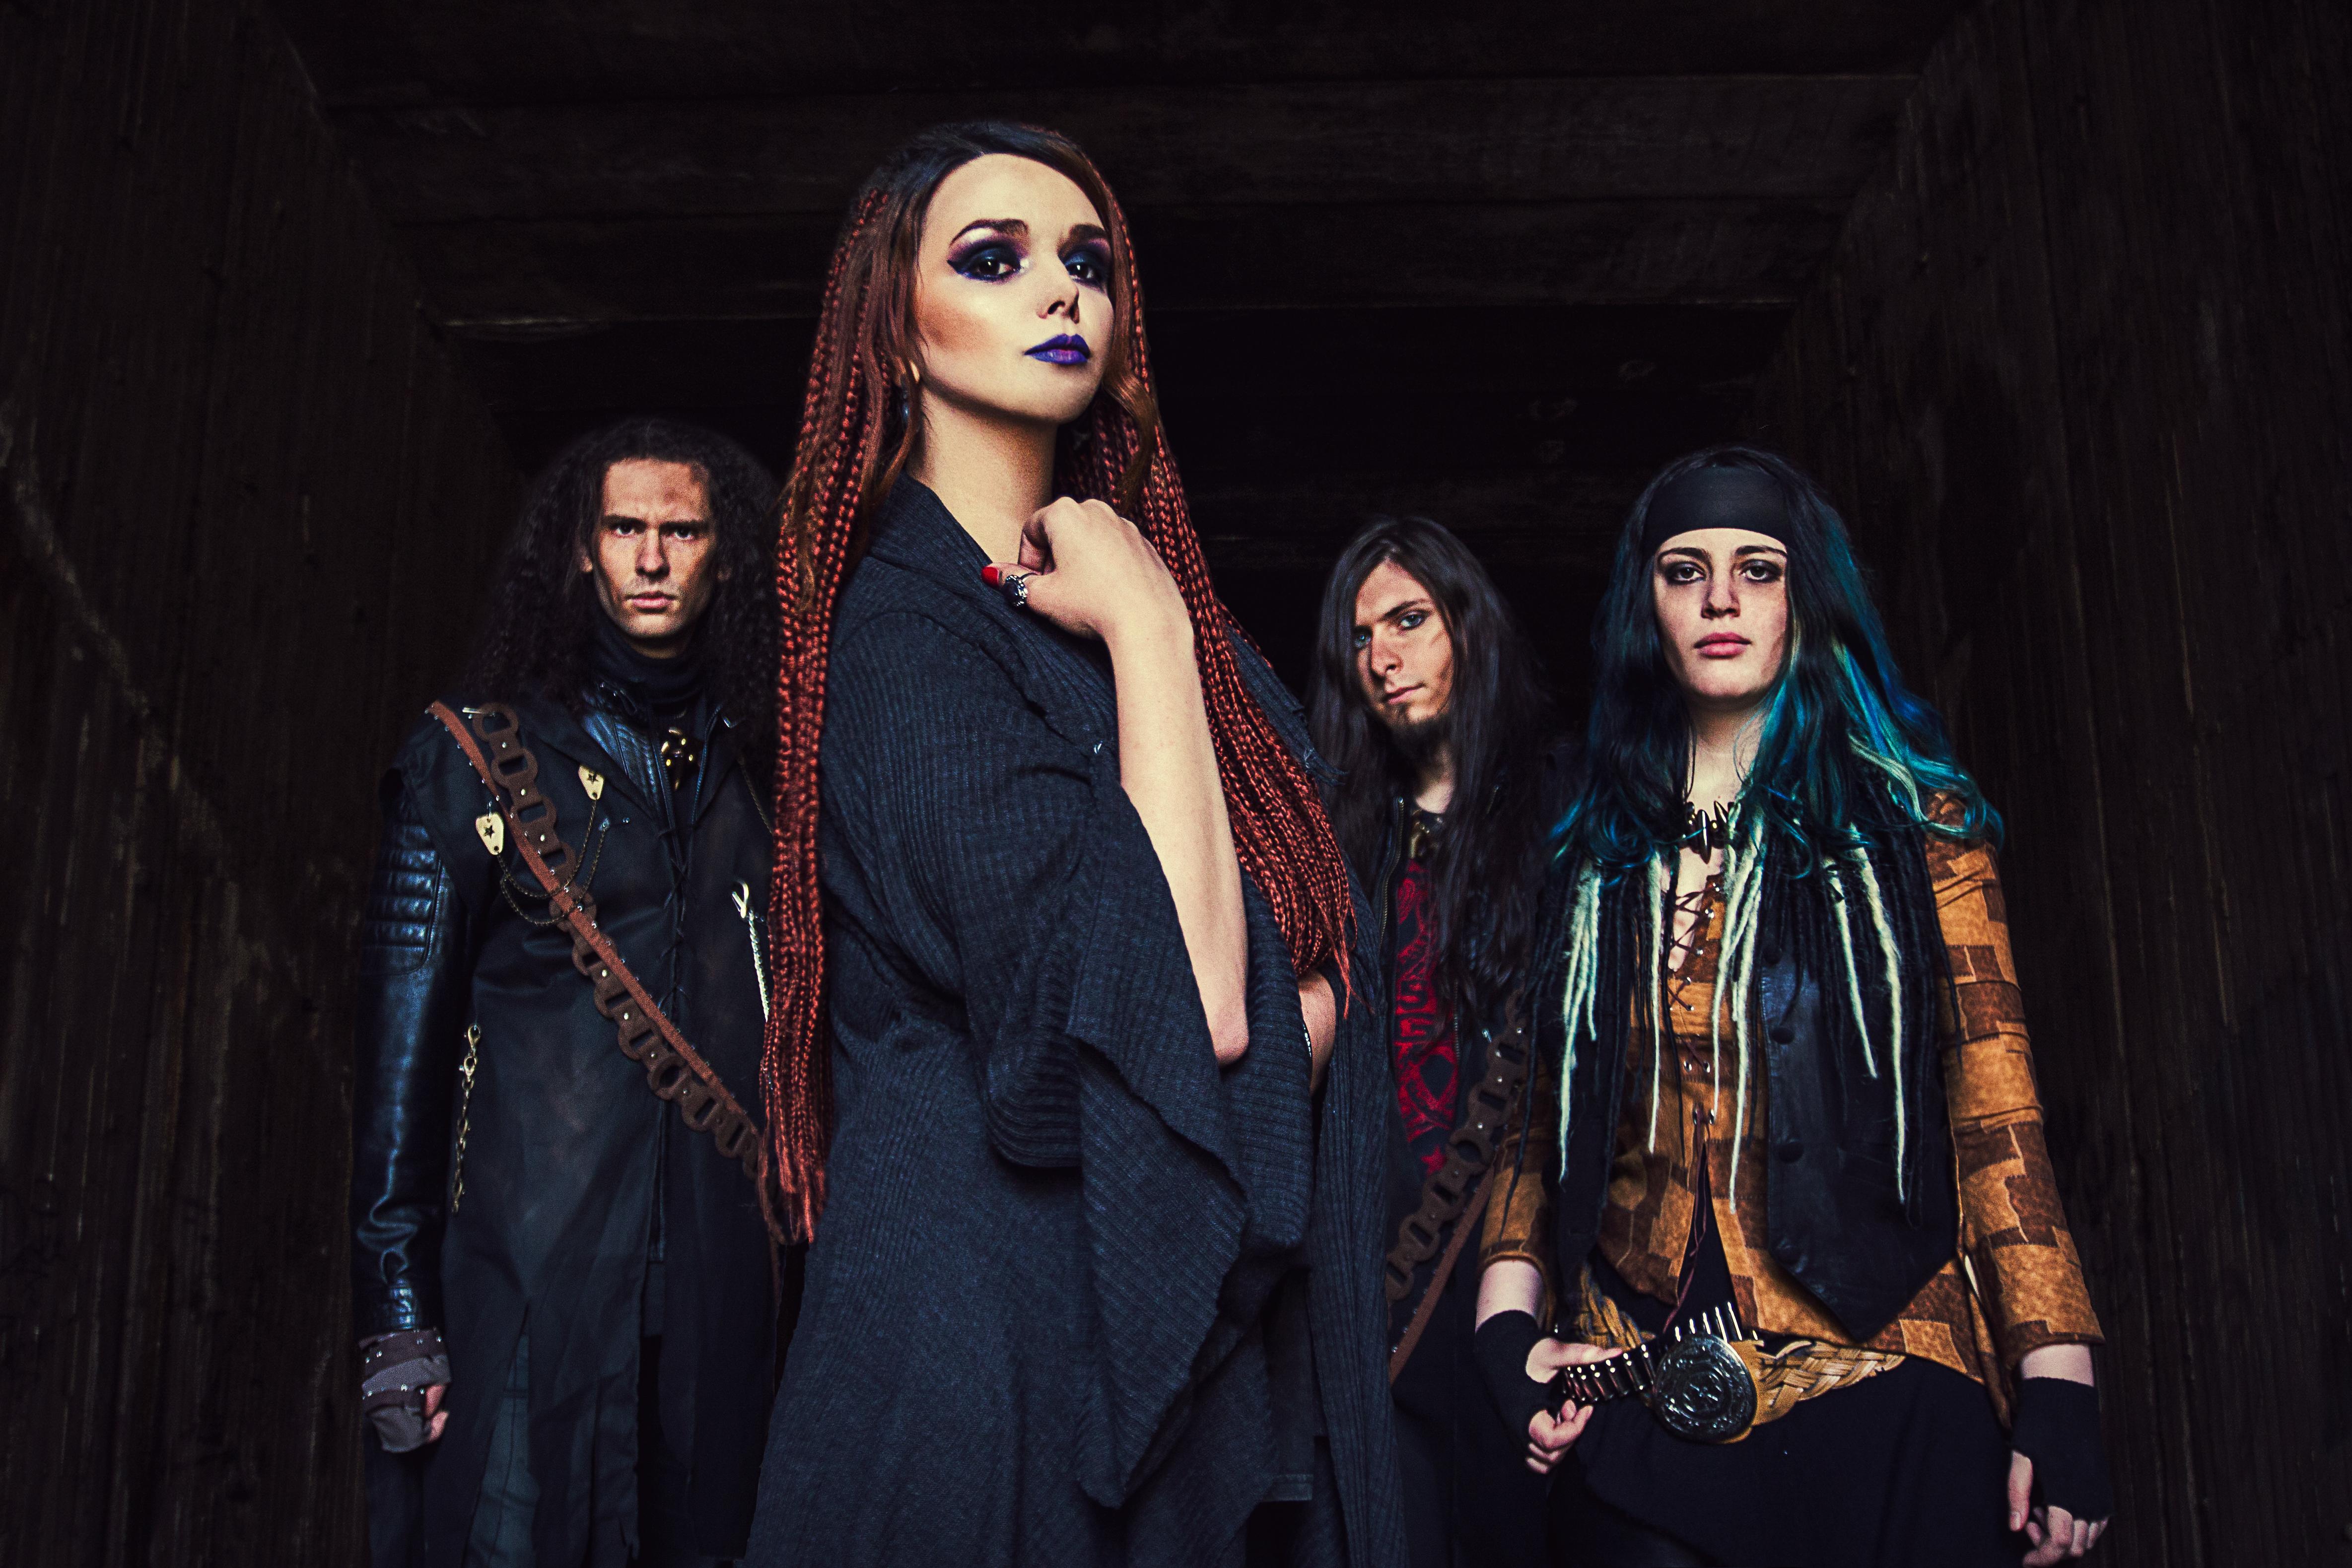 Miscarea pentru underground. Recursive Delusion si Fallen canta la lansarea noului album al trupei Between Colors